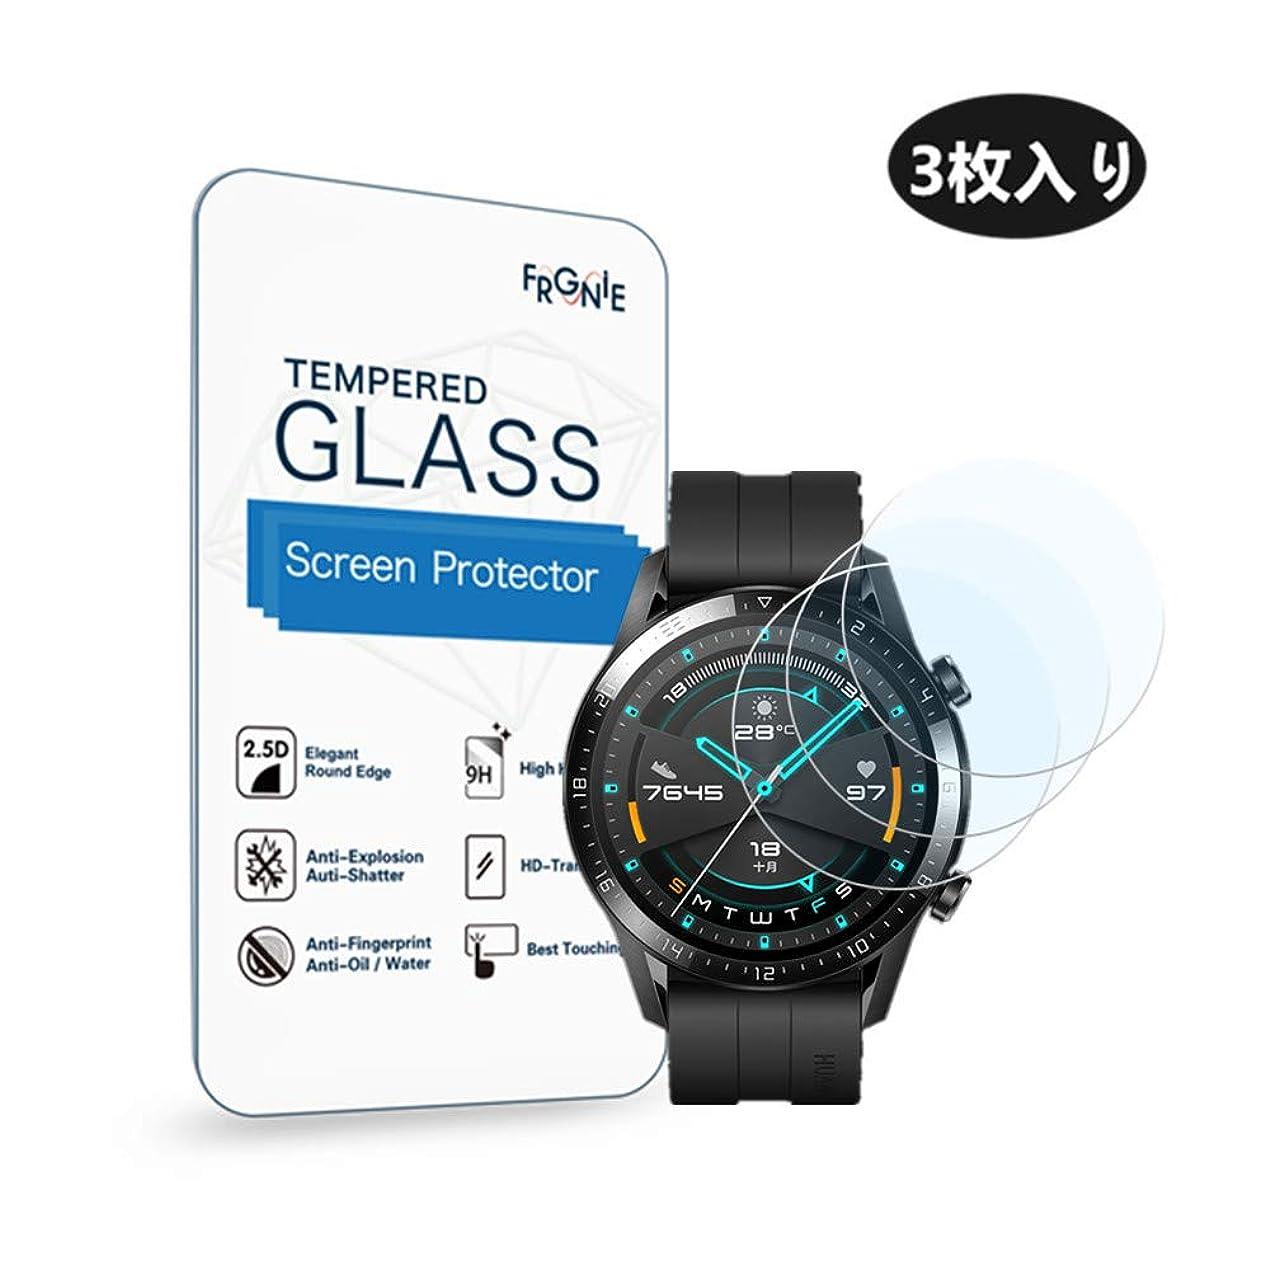 サンプル悪化するインタネットを見る(3枚入り) Frgnie for Huawei Watch GT2 46mm 腕時計 スクリーン保護フィルム, 9H 強化 ガラス 保護フィルム 対応 Huawei Watch GT2 (46mm) Smartwatch